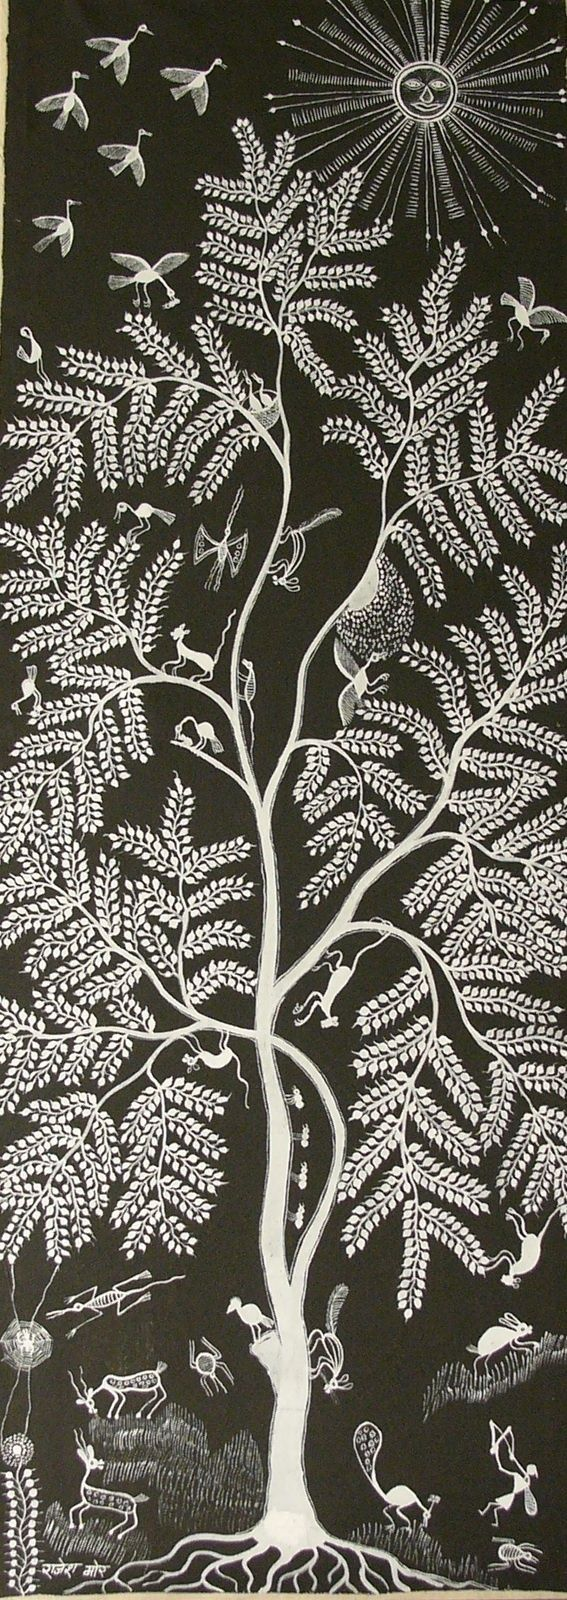 Art des Warli : peinturewarli.com